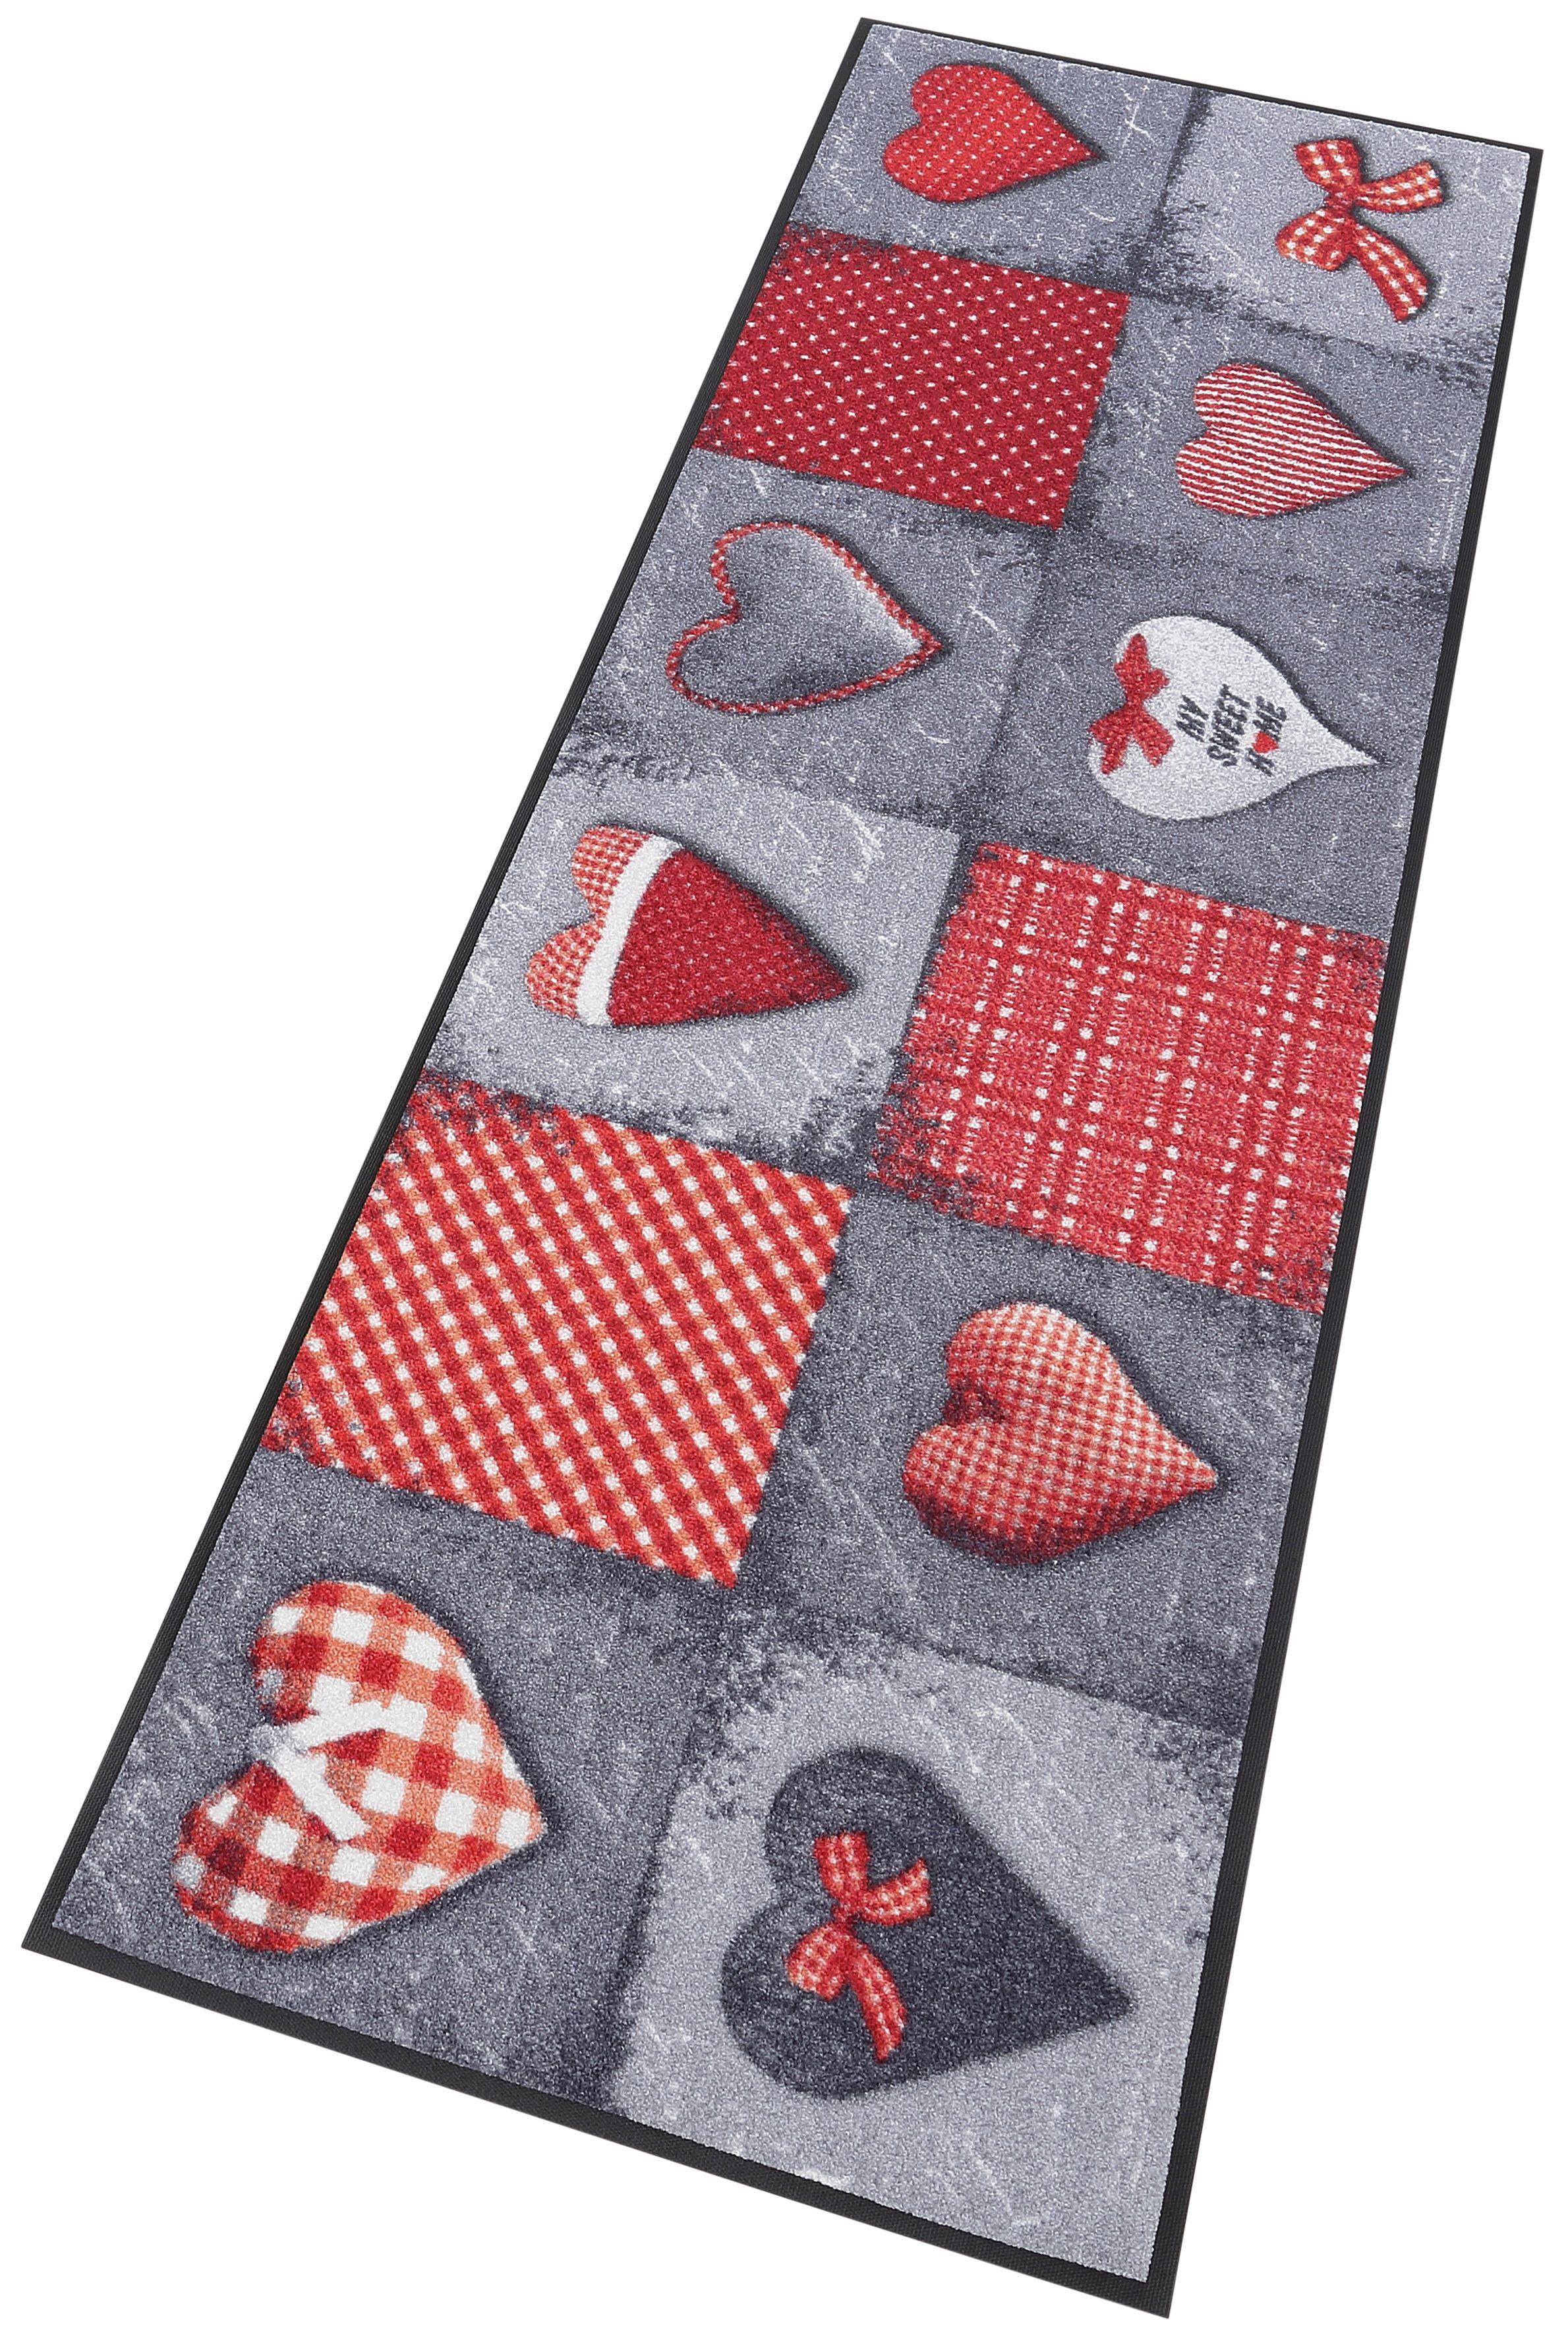 Läufer My Sweet Home grey wash+dry by Kleen-Tex rechteckig Höhe 7 mm gedruckt